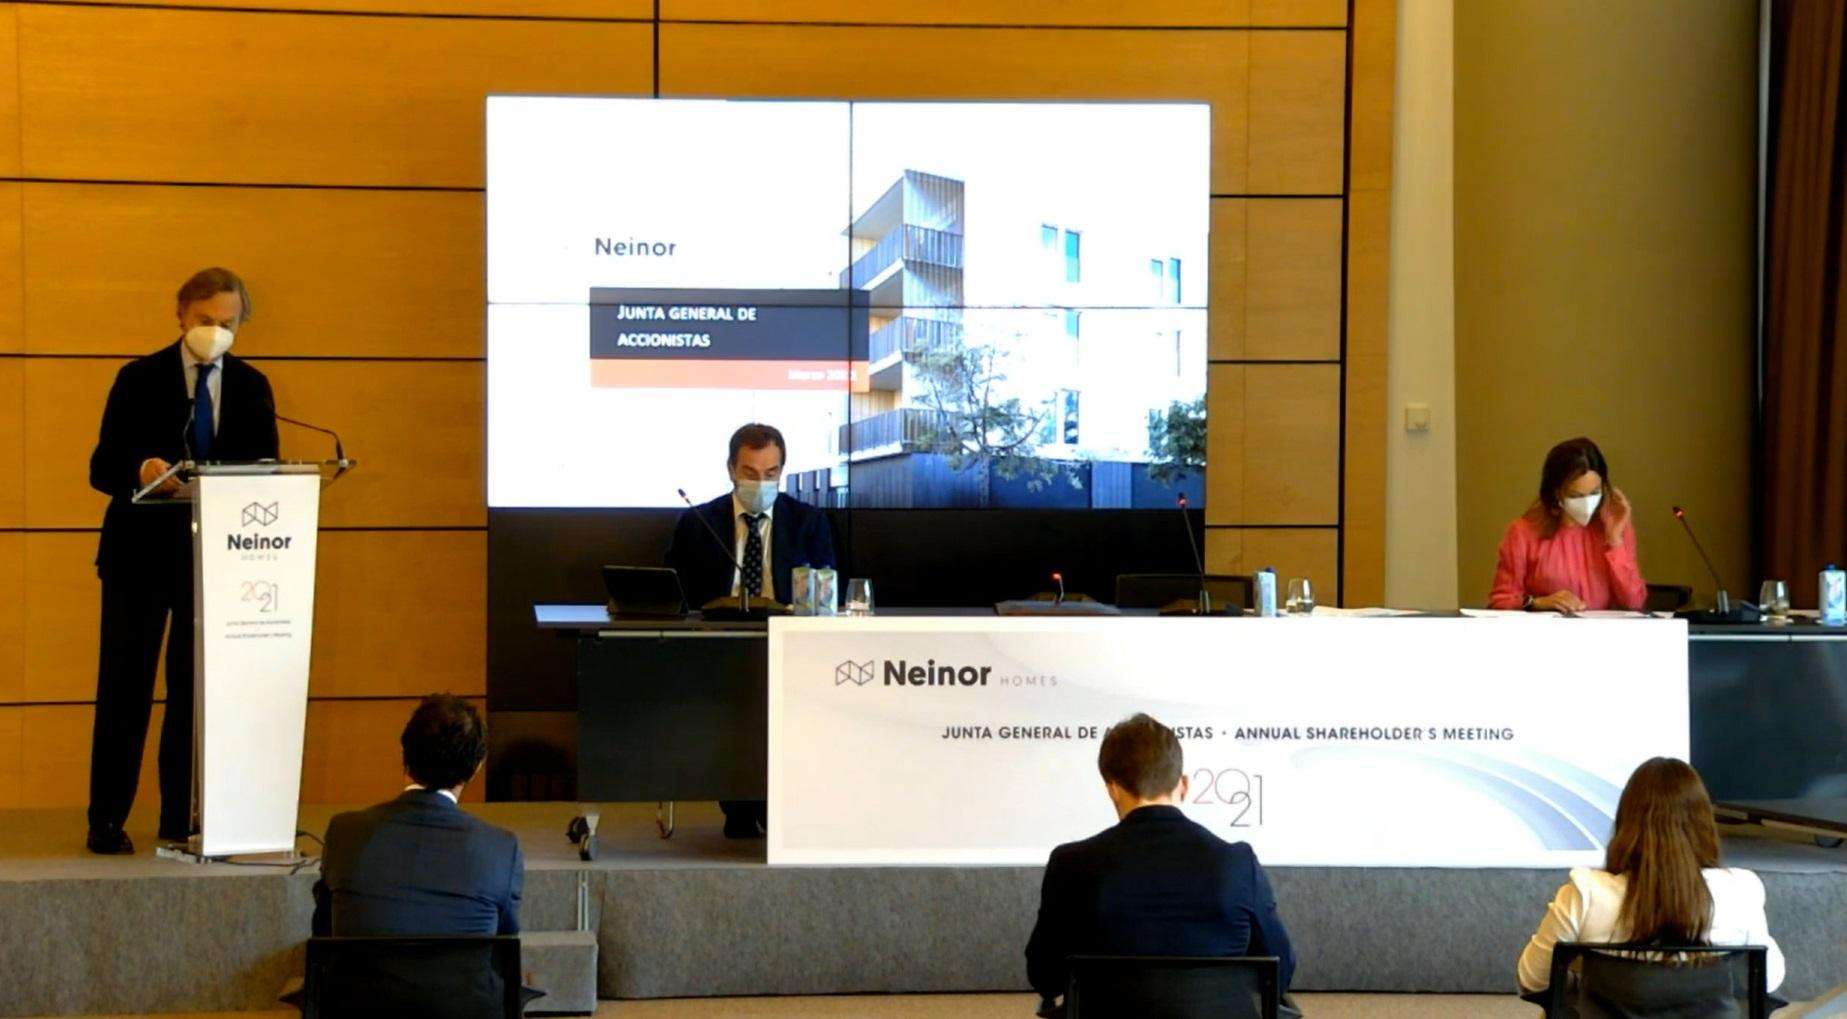 Archivo - Celebración de la junta de accionistas de Neinor